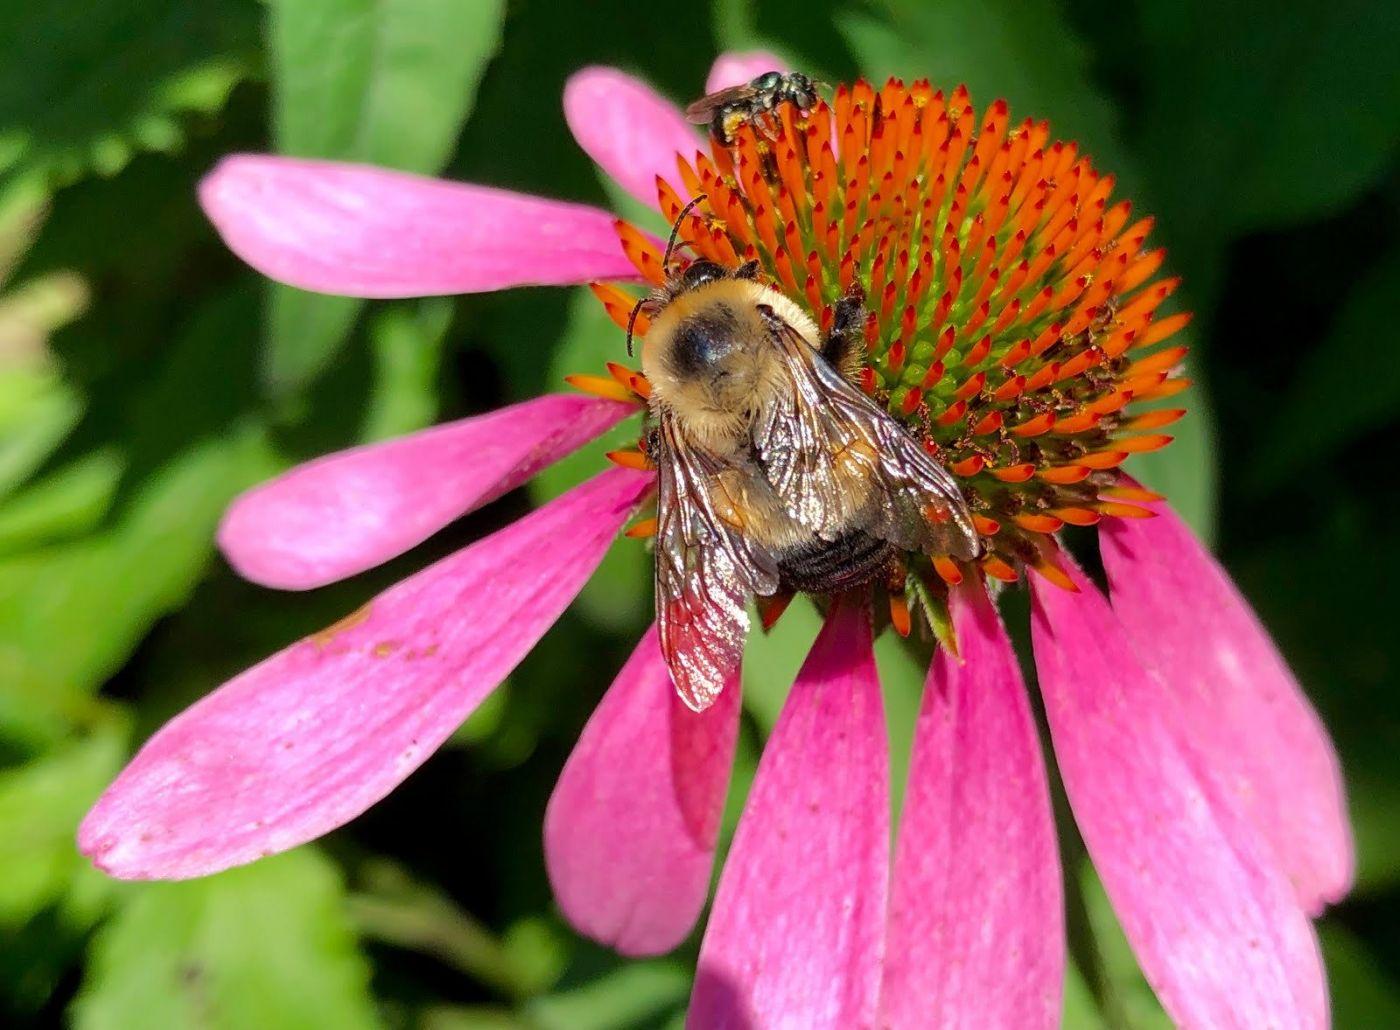 7月的蜜蜂.蝴蝶_图1-2